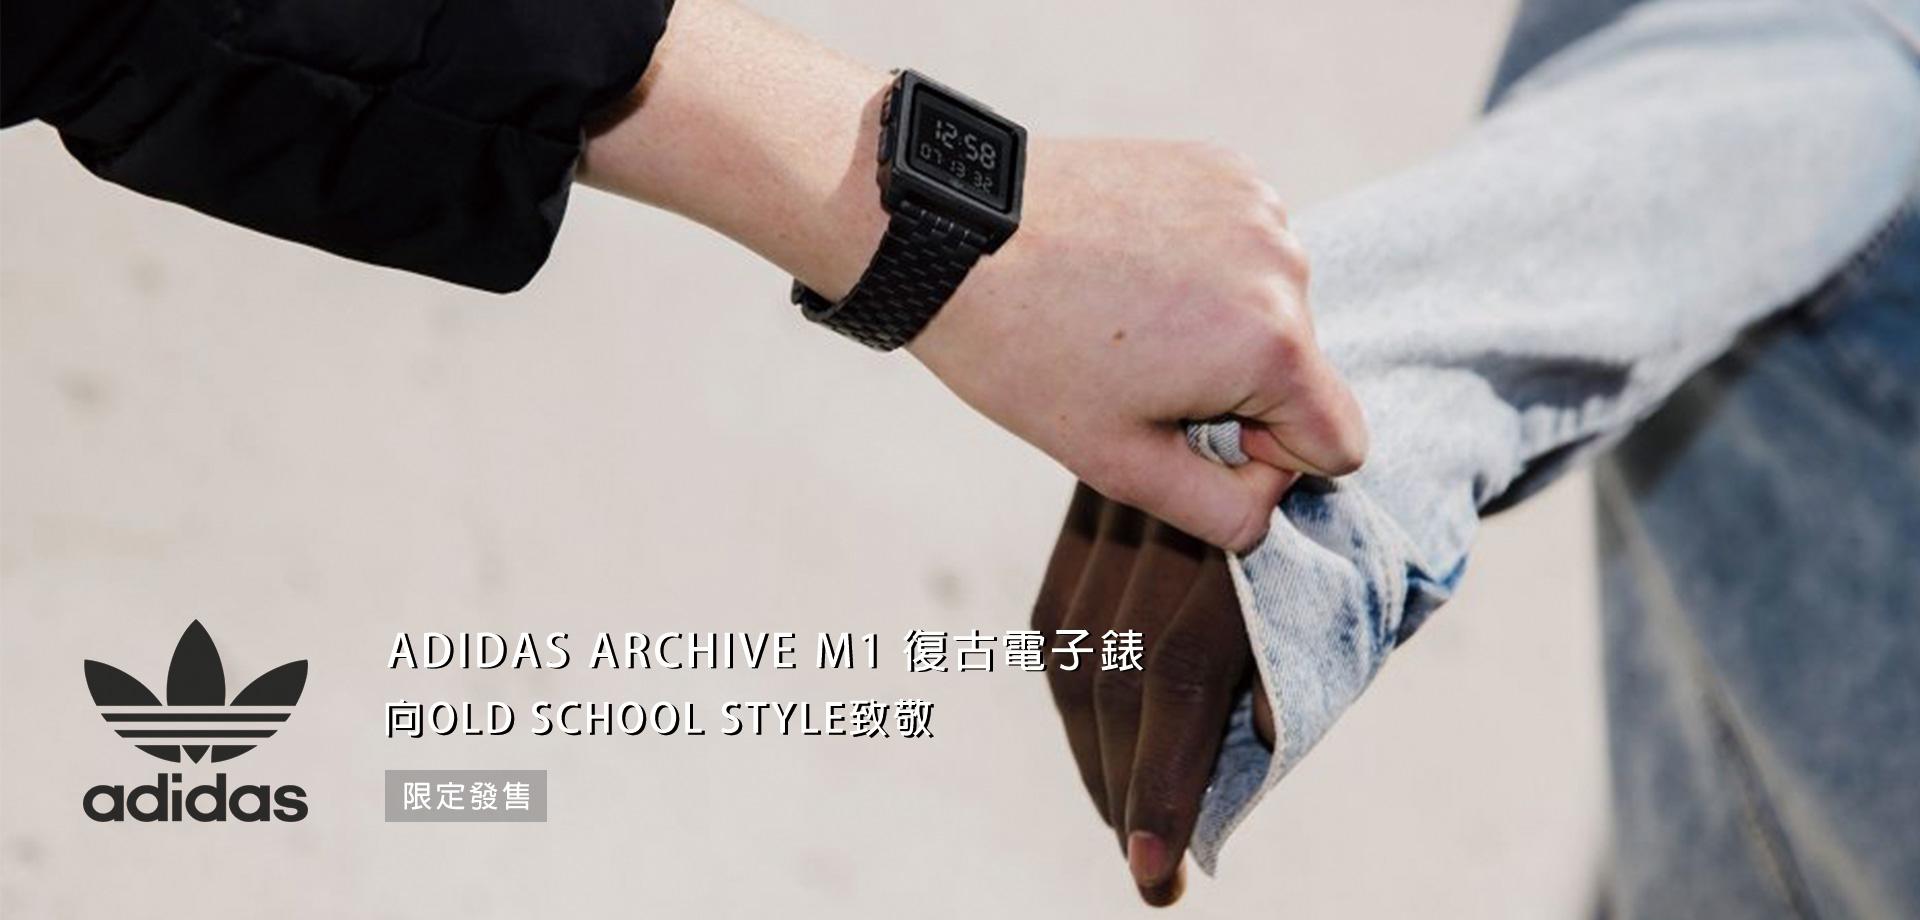 愛迪達,adidas,archive m1,m1,電子錶,復古電子錶,手錶,g shock